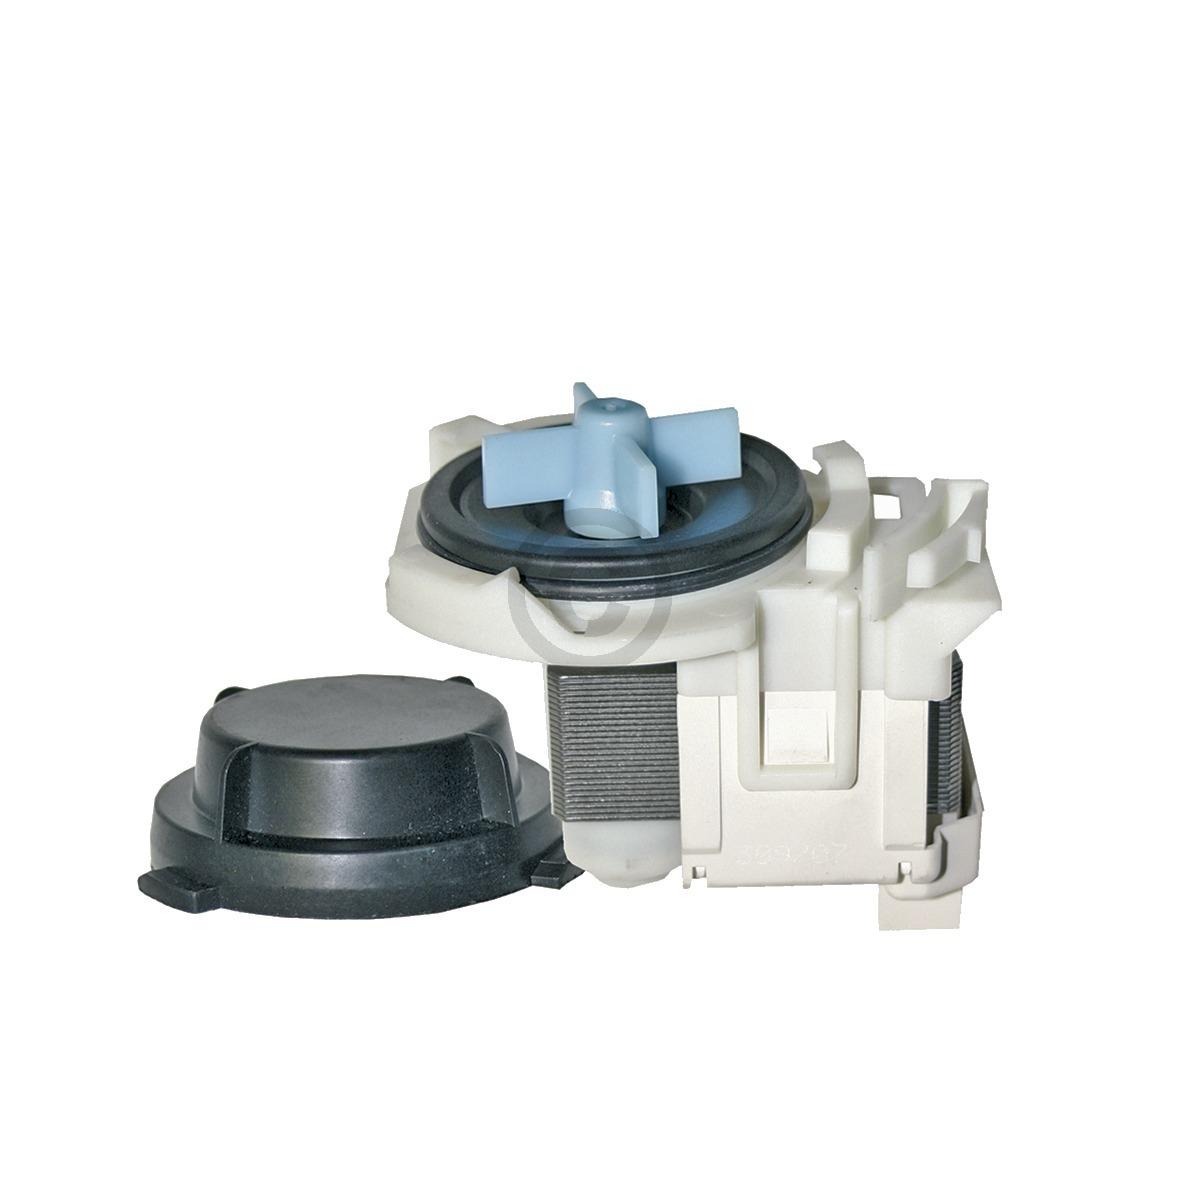 Ablaufpumpe Solo, OT! 481236018558 Bauknecht, Whirlpool, Ikea